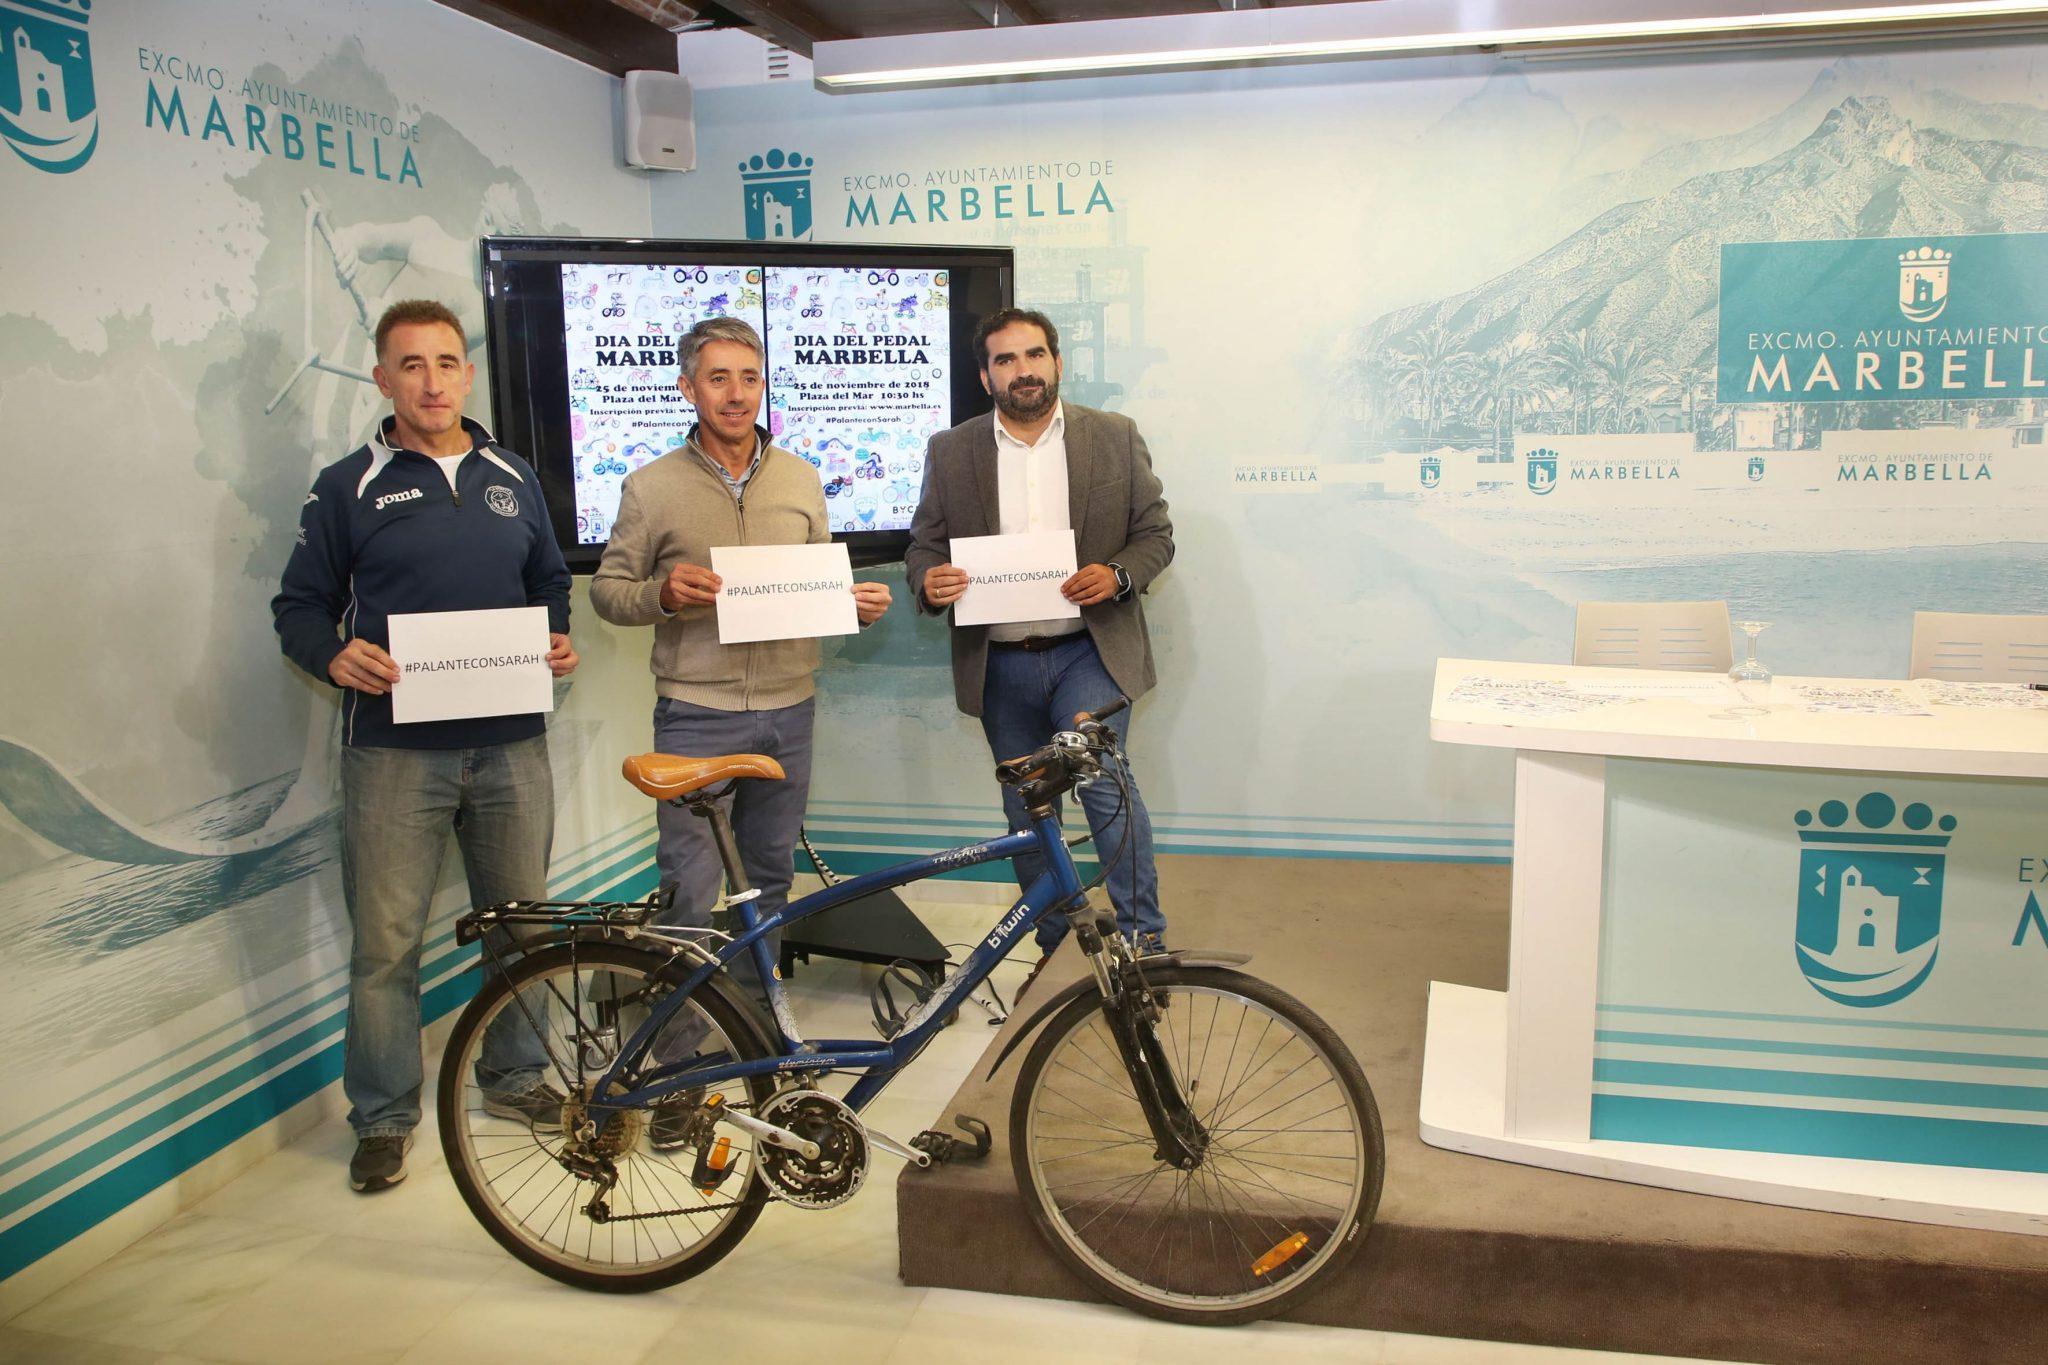 Marbella celebrará el Día del Pedal el 25 de noviembre